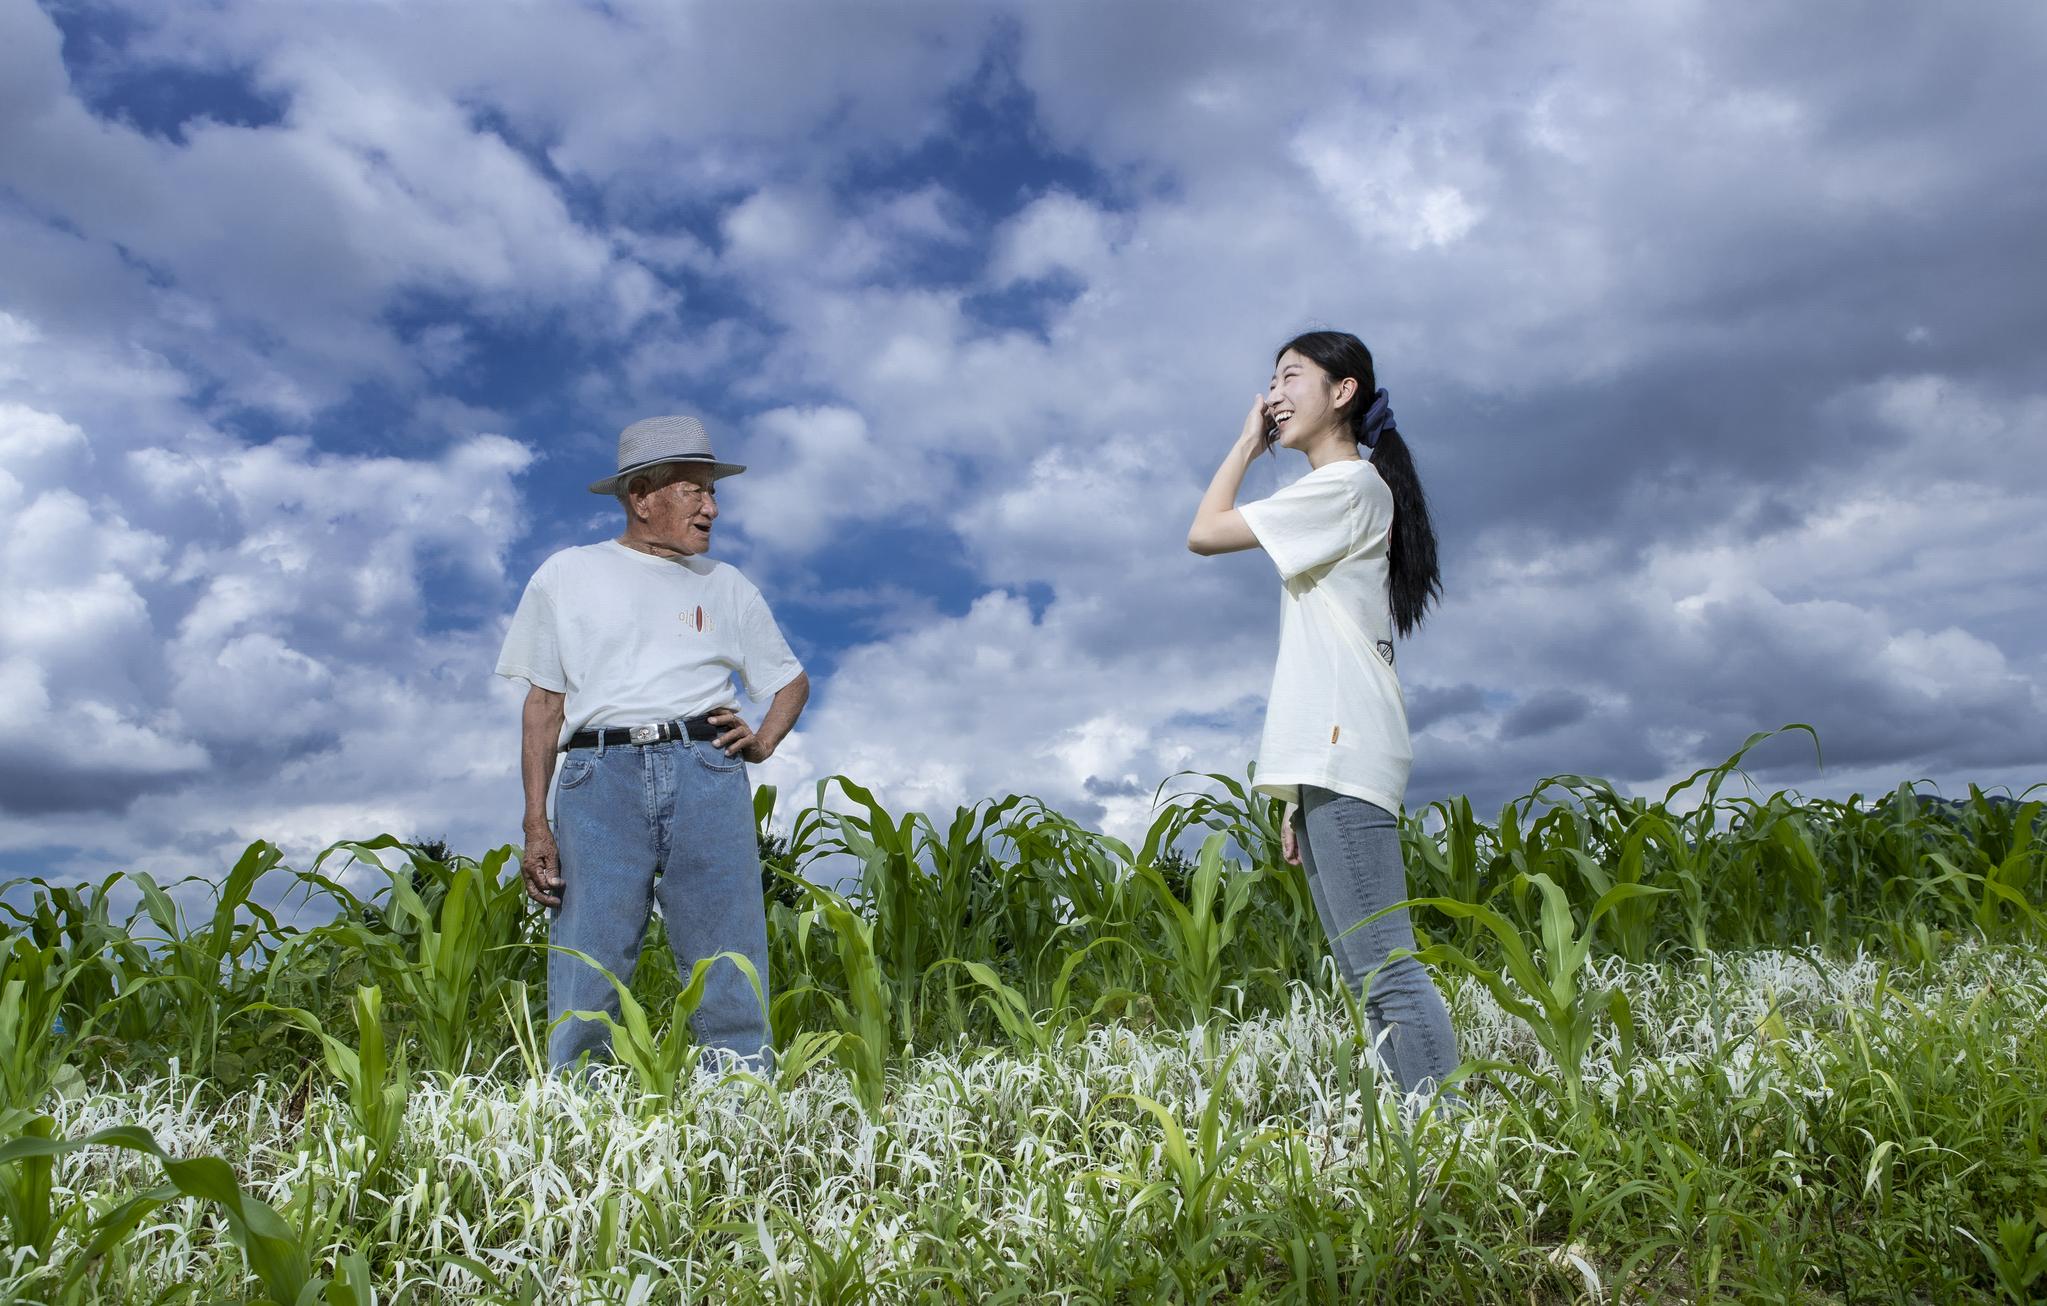 커플 티셔츠와 청바지 차림으로 들녘에 선 아흔의 할아버지와 서른둘의 손녀, 이렇게 사진으로 또 한장의 추억을 쌓았습니다. 권혁재 사진전문기자